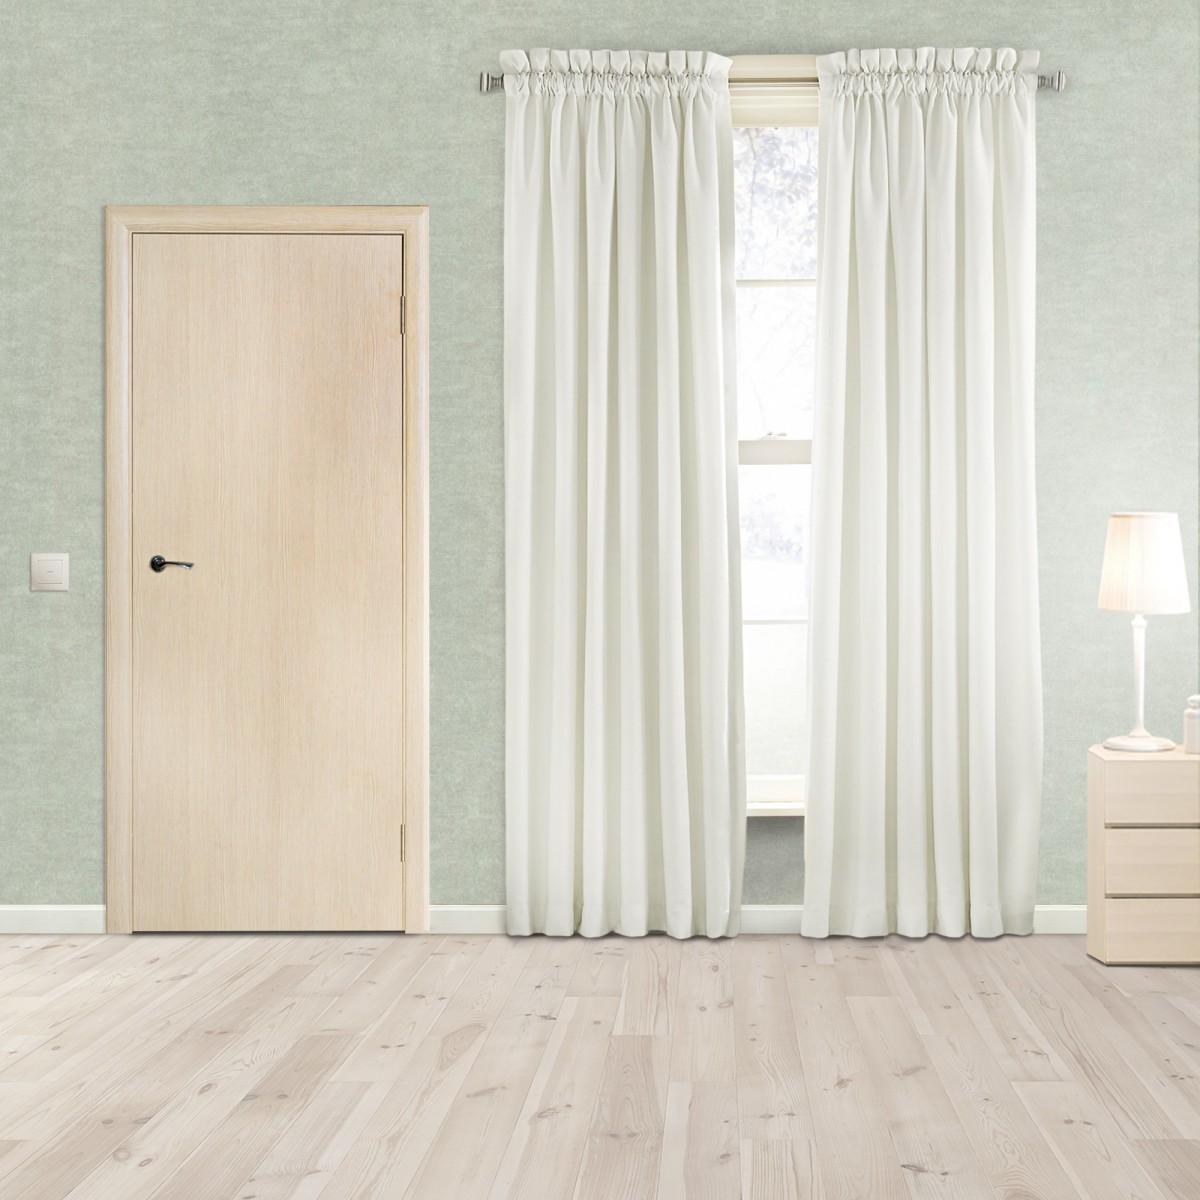 Дверь Межкомнатная Глухая Aura 55x200 Ламинация Цвет Ясень 3d